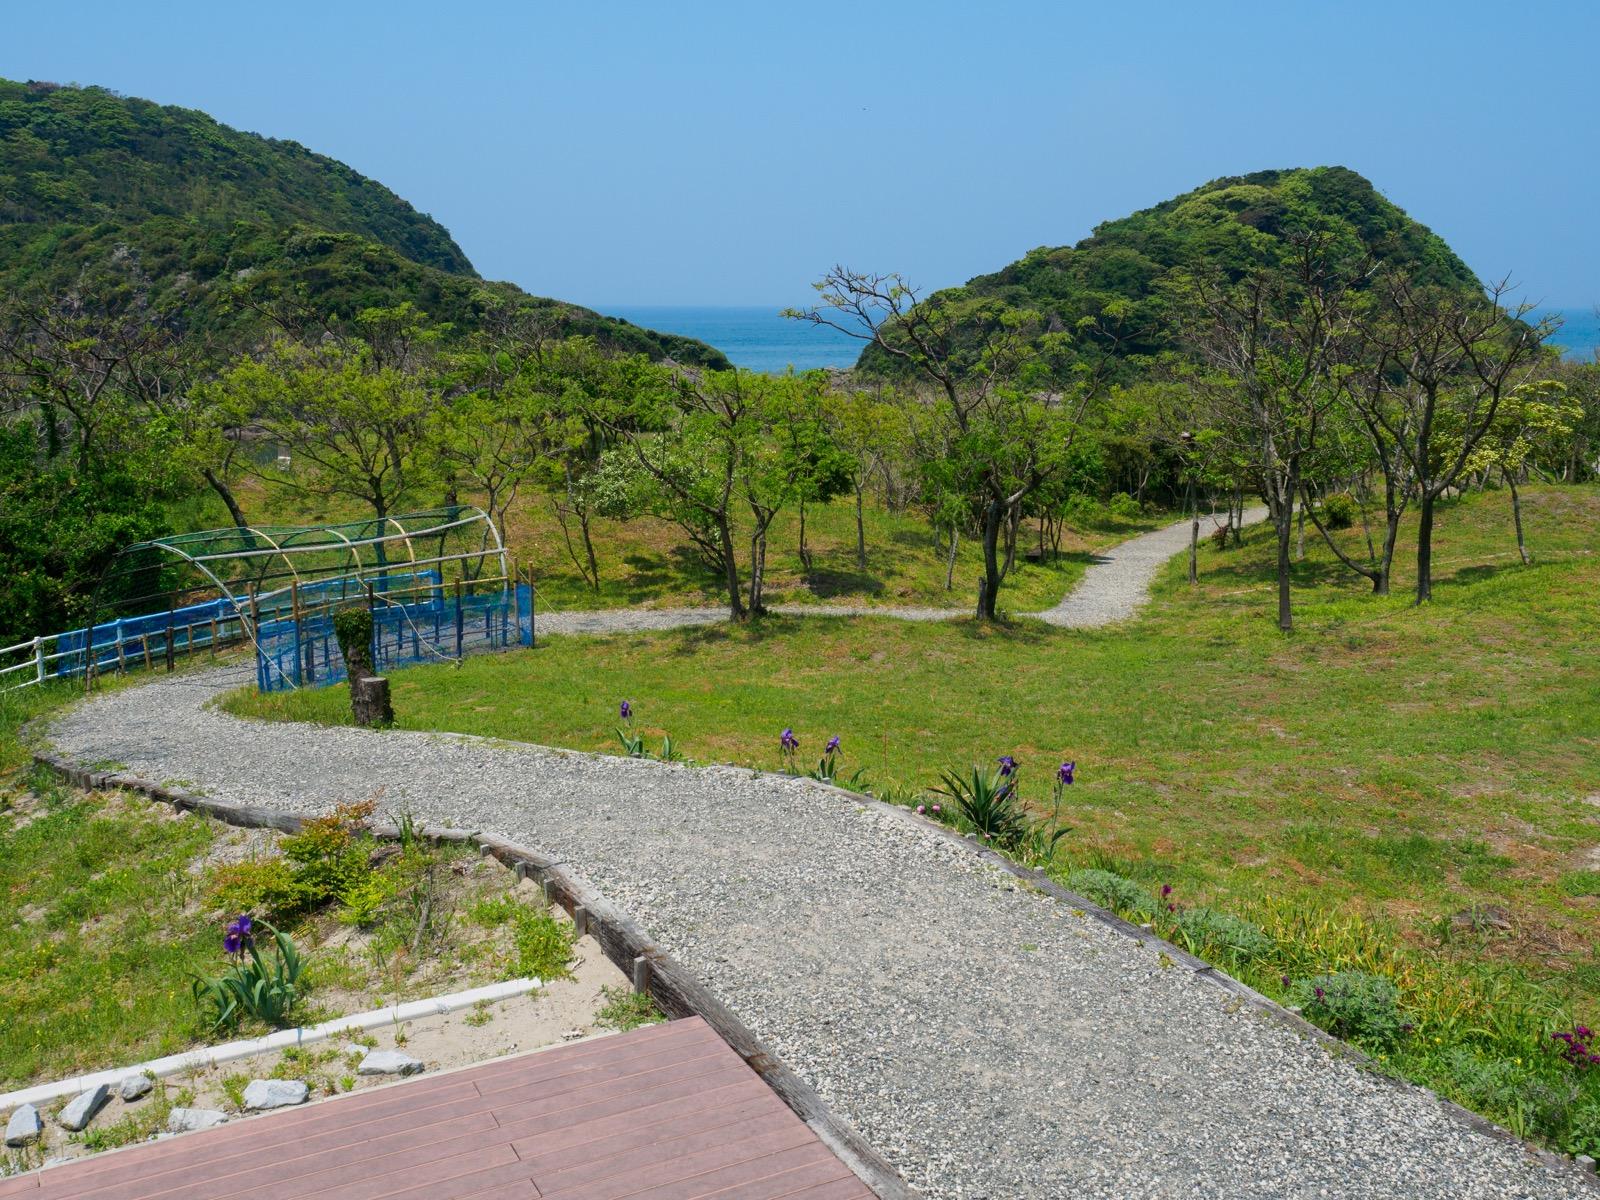 薩摩高城駅のホームから海へと続く遊歩道